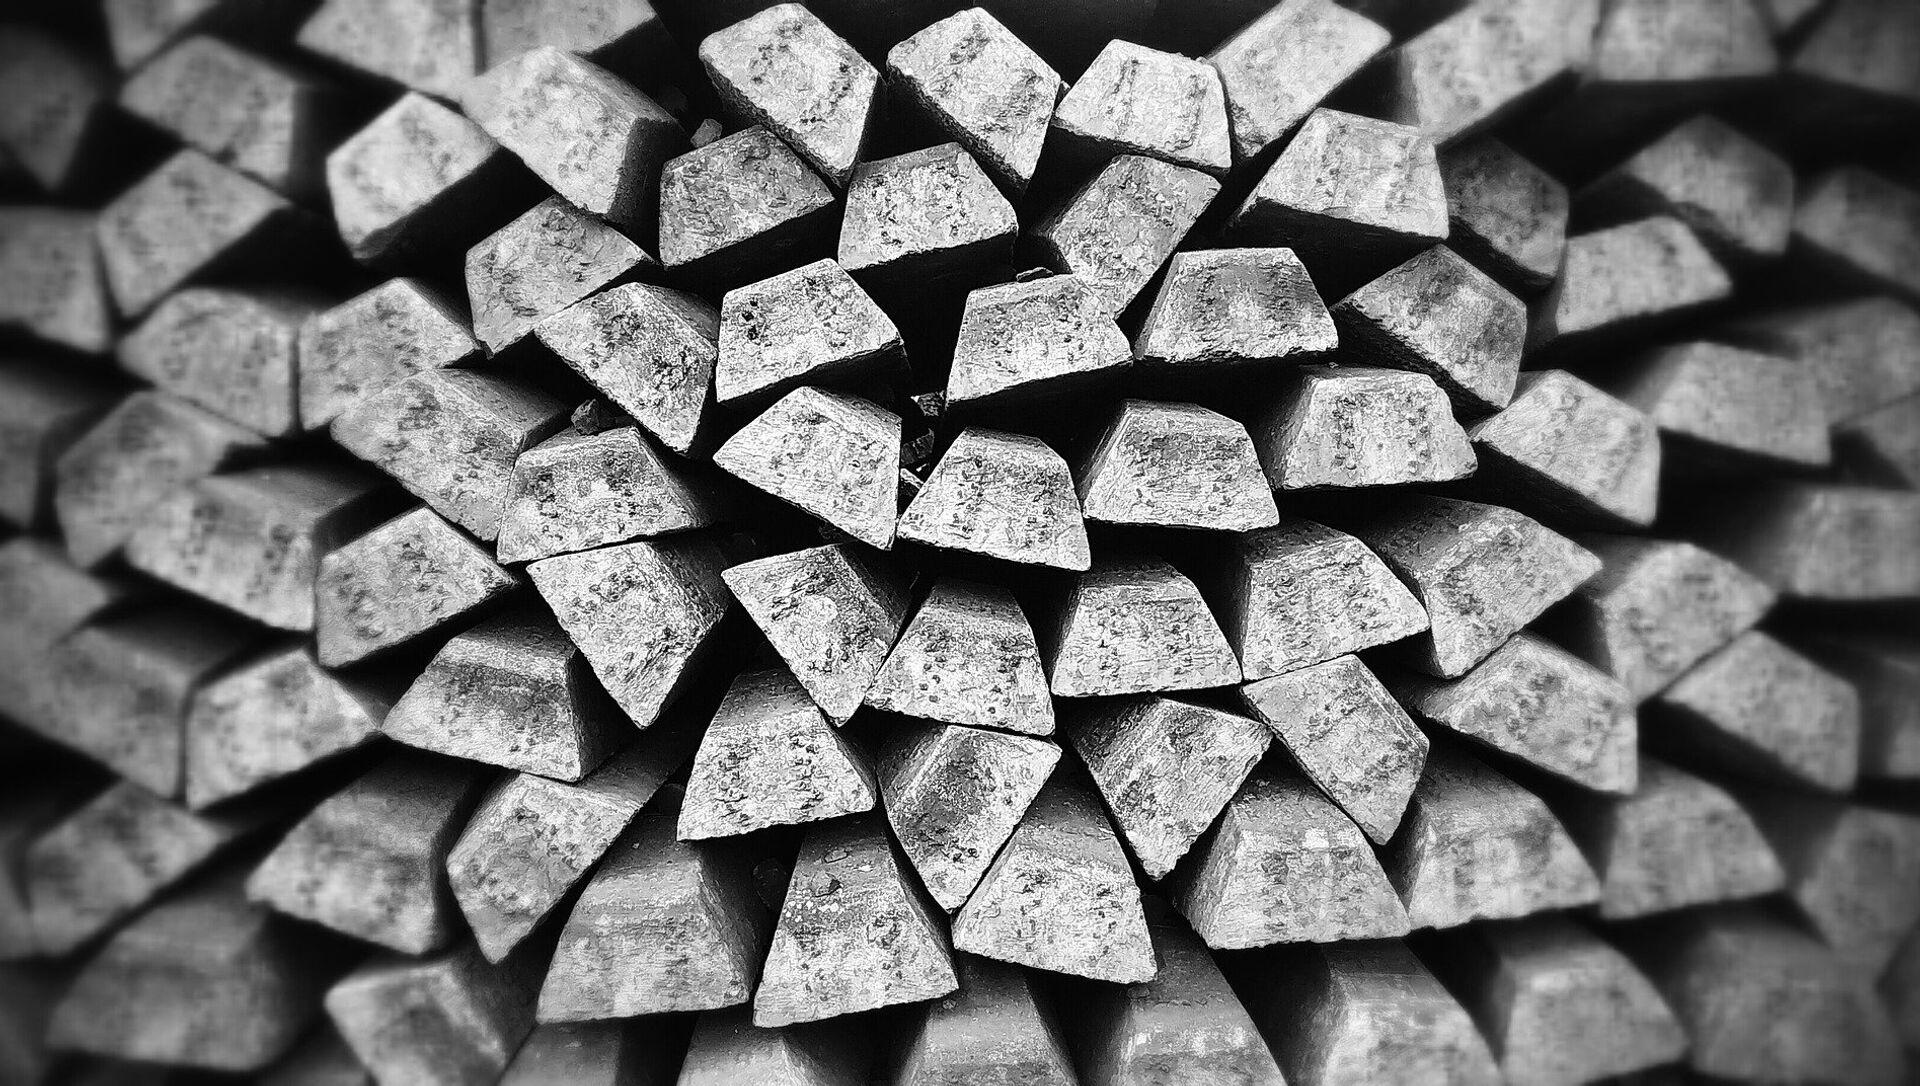 Las barras de plata - Sputnik Mundo, 1920, 02.02.2021